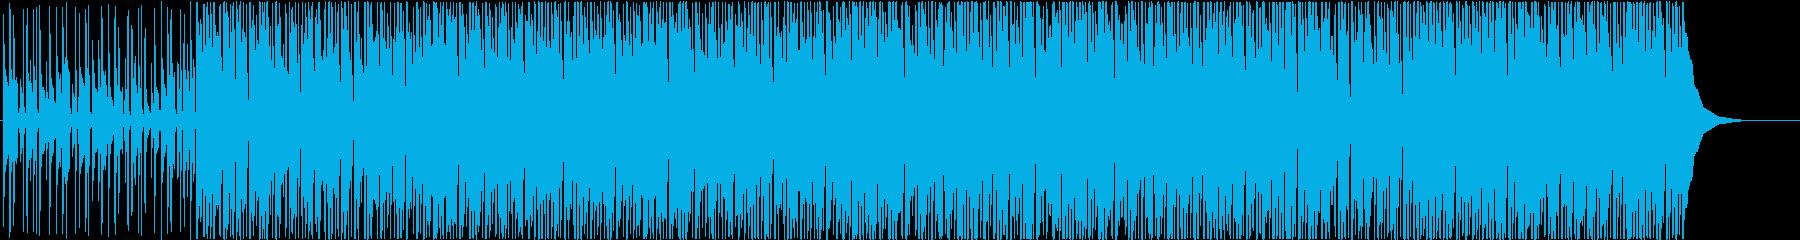 ポジティブ、ウクレレ、背景の再生済みの波形